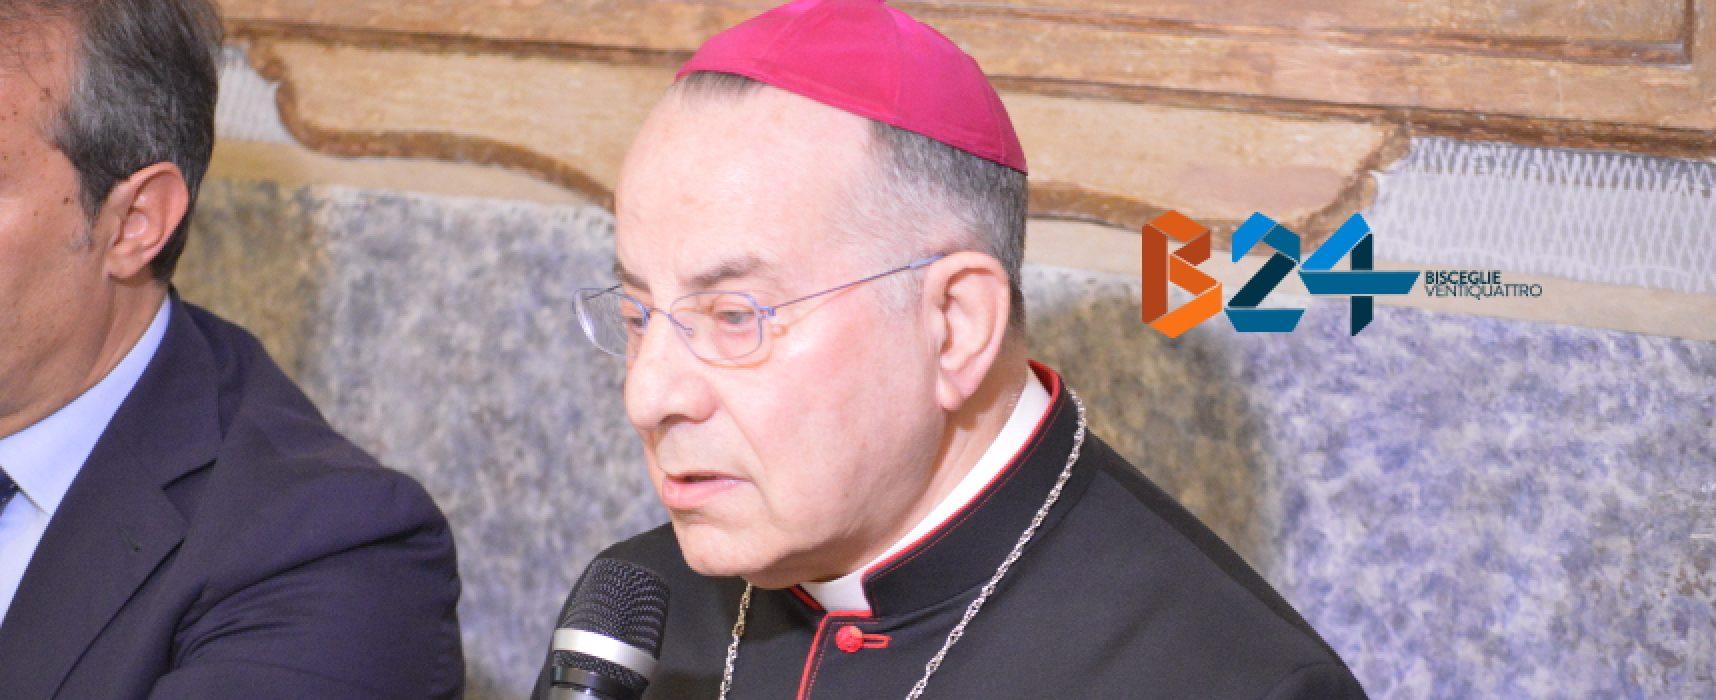 Lutto nella Chiesa, morto Mons. Giovan Battista Pichierri